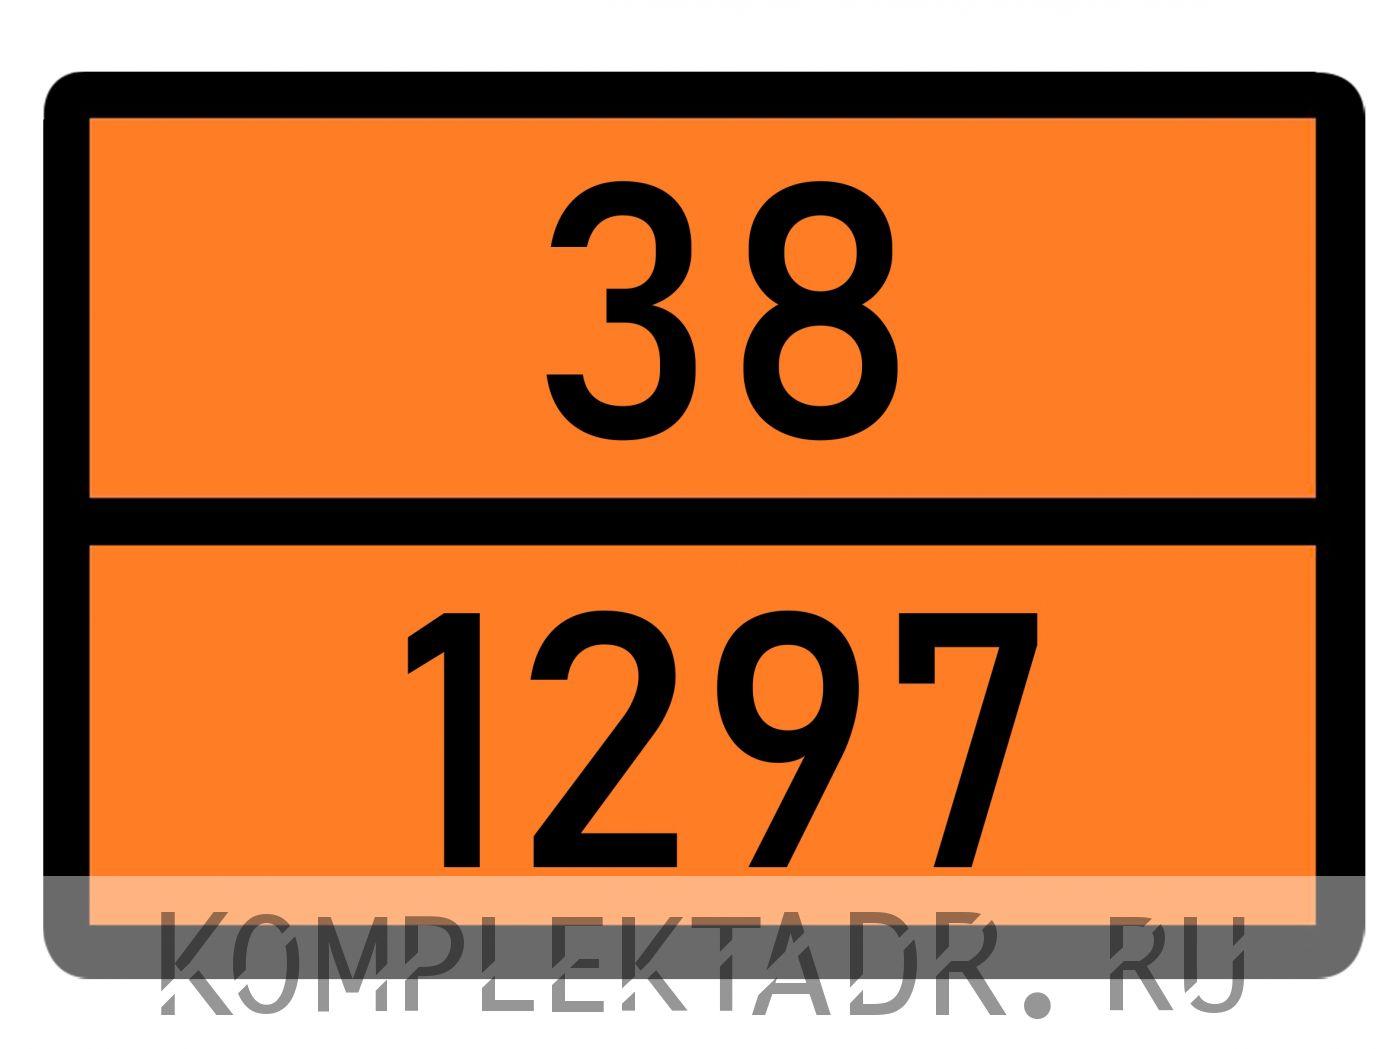 Табличка 38-1297